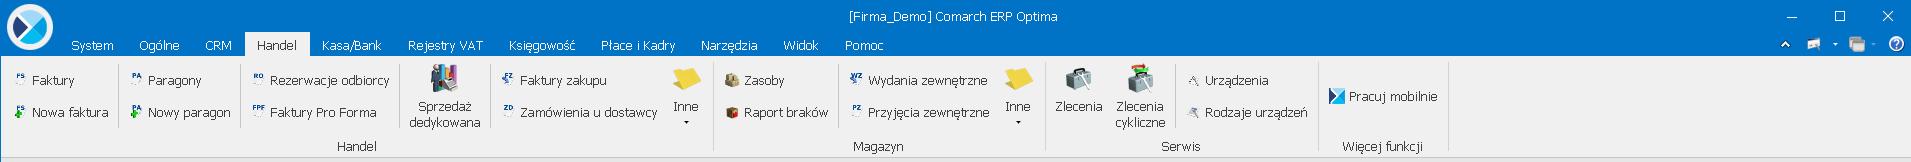 Comarch ERP Optima - Menu